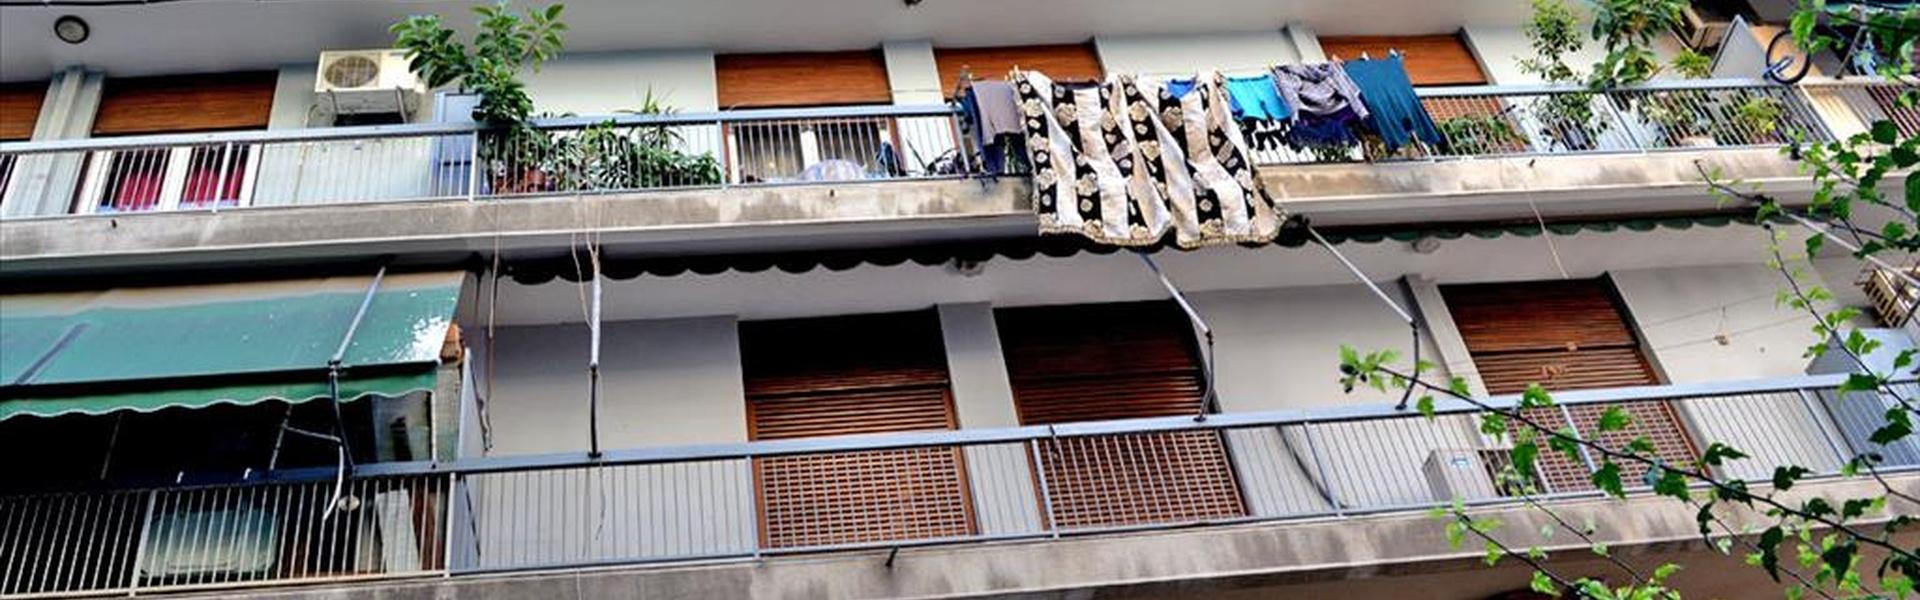 Вид на жительство в греции с покупкой недвижимости